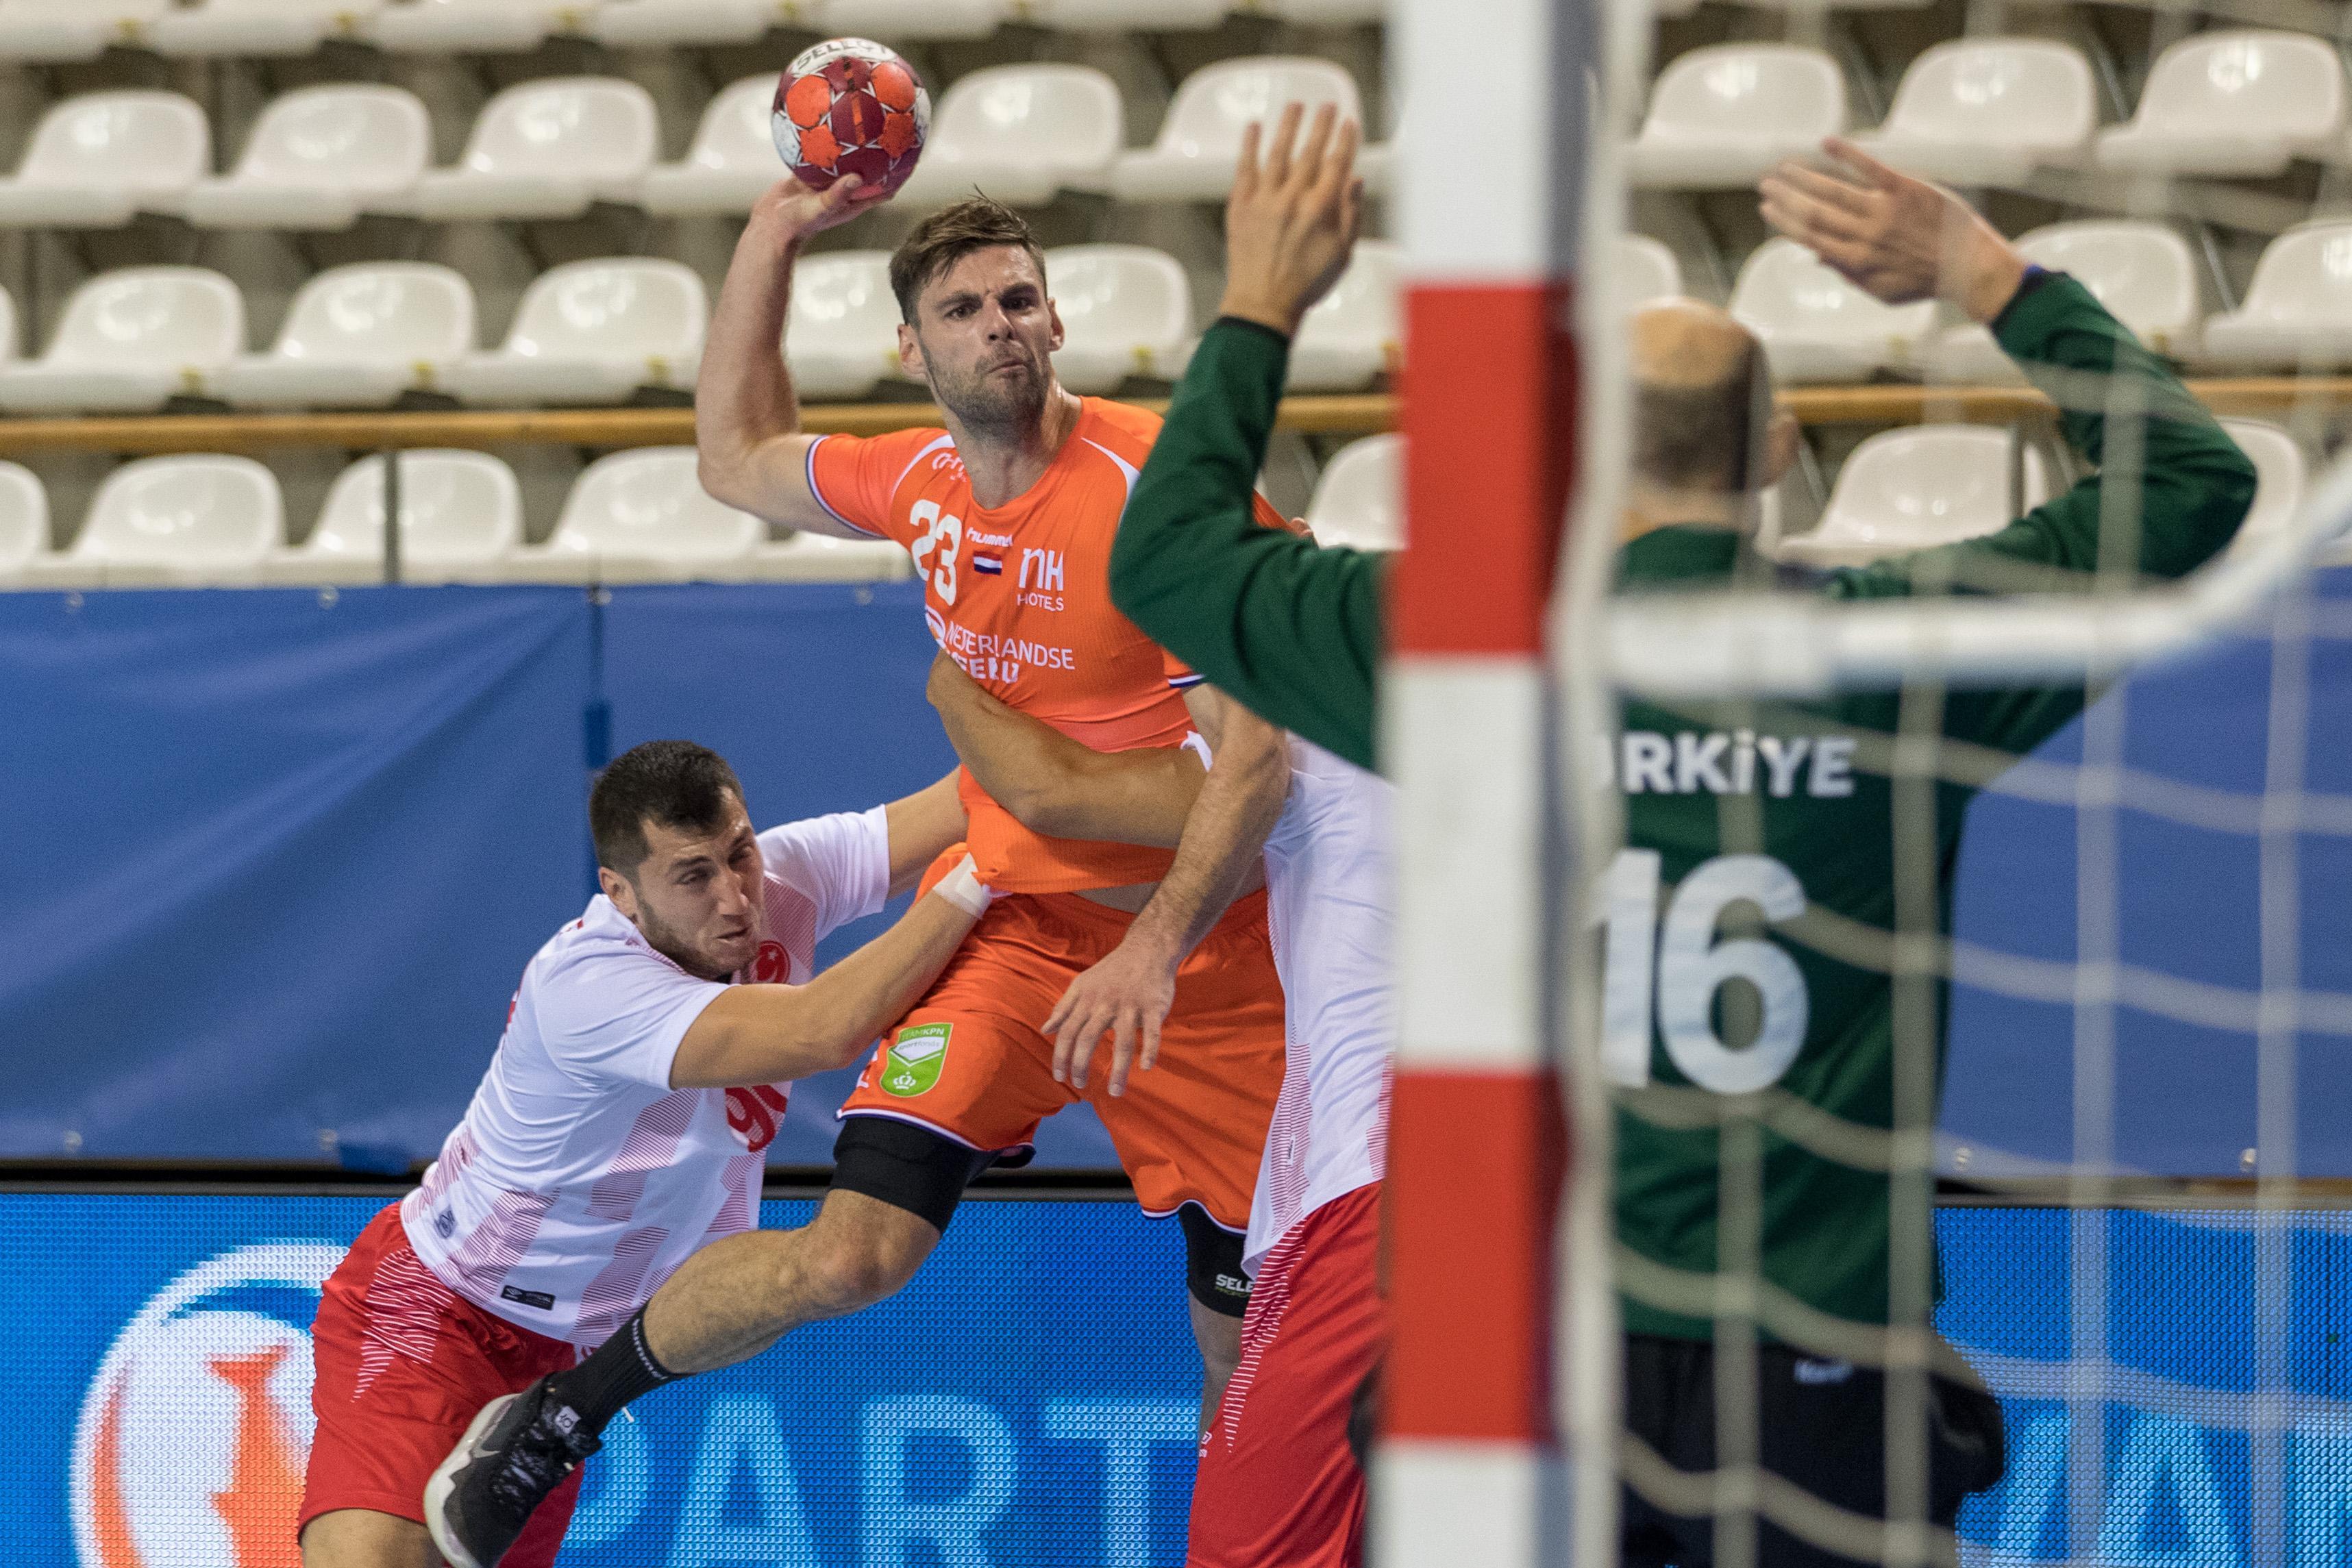 Volendam-speler Jorn Smits opgenomen in handbalselectie voor duels tegen Slovenië